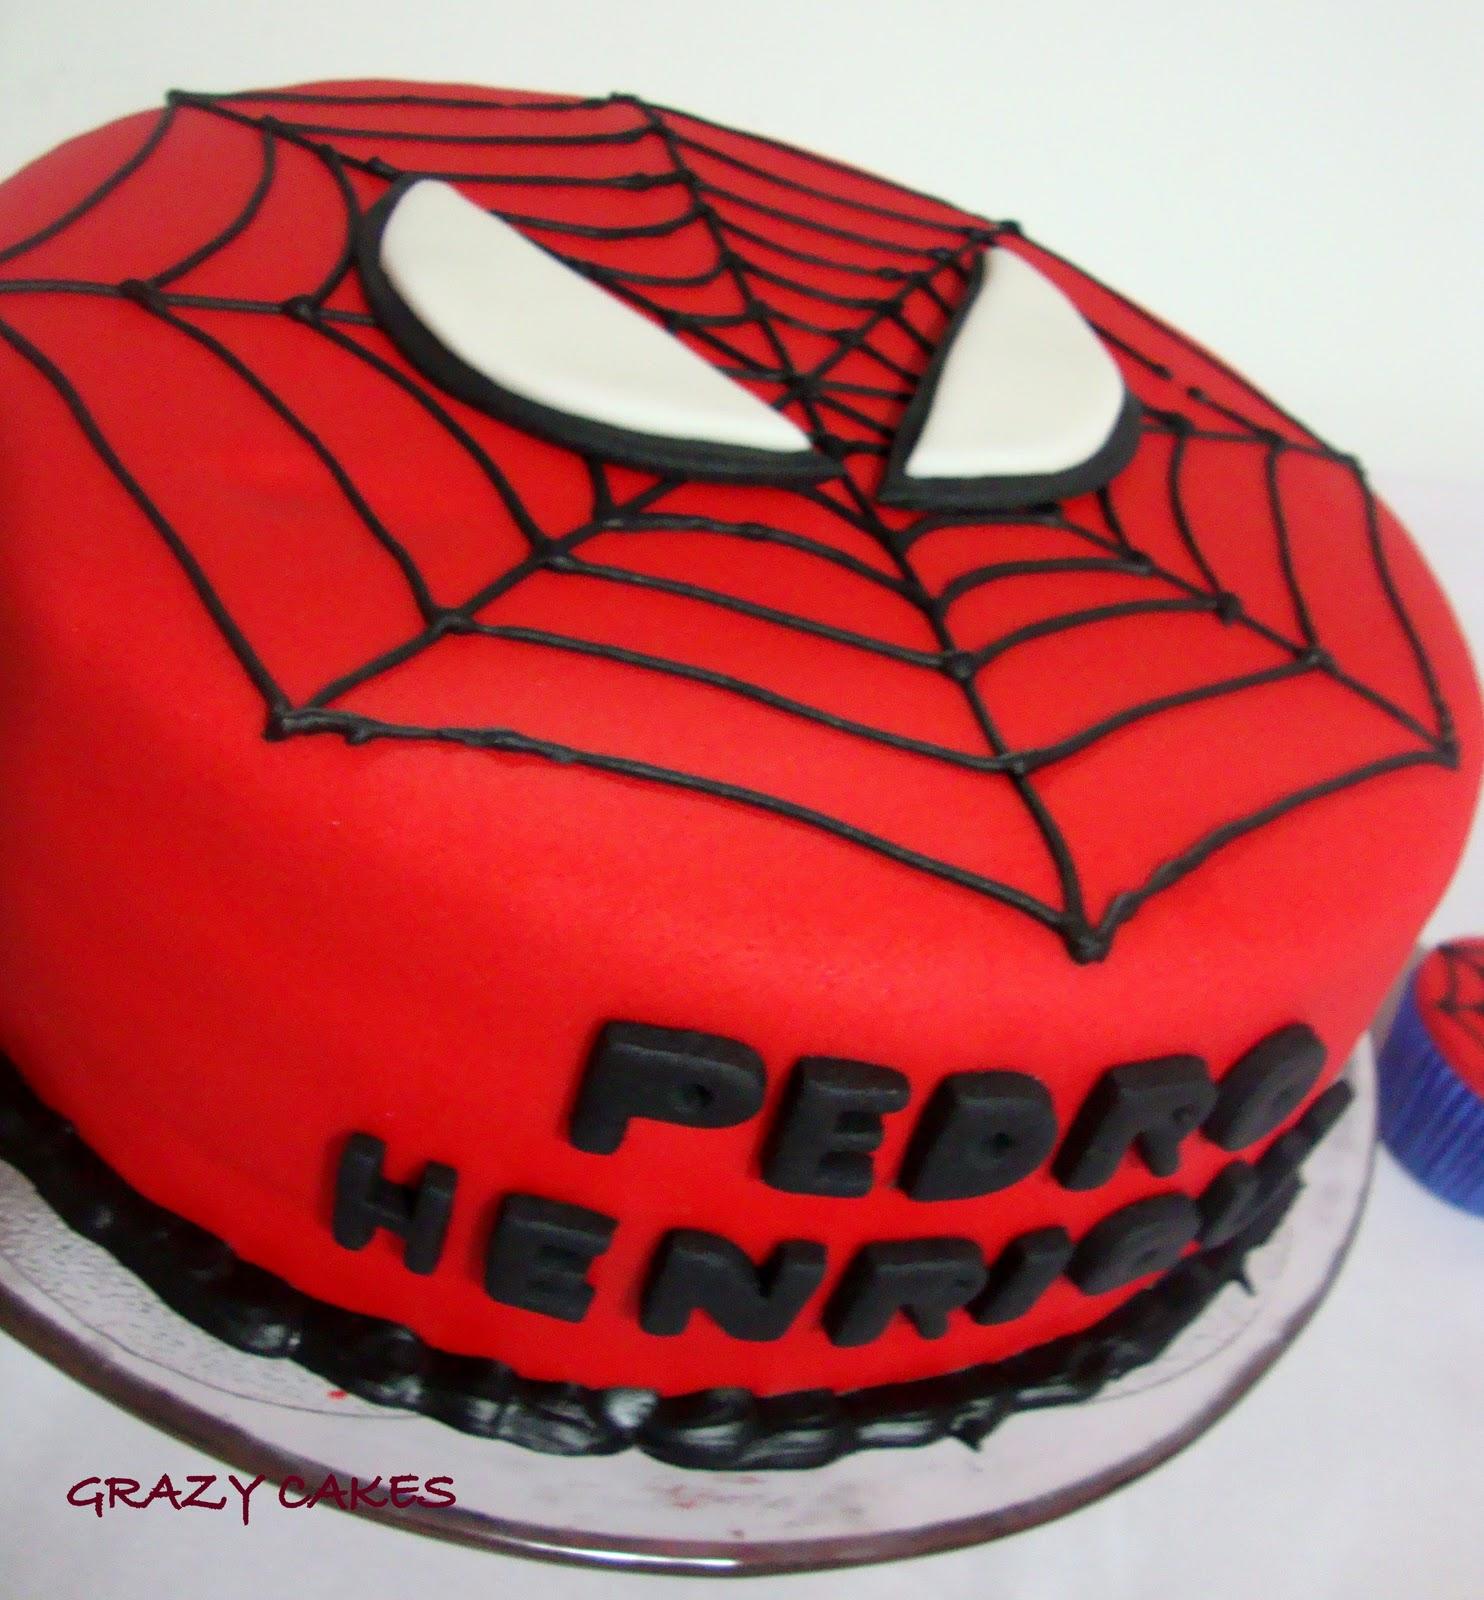 Grazy cakes 2011 bolo homem aranha altavistaventures Image collections